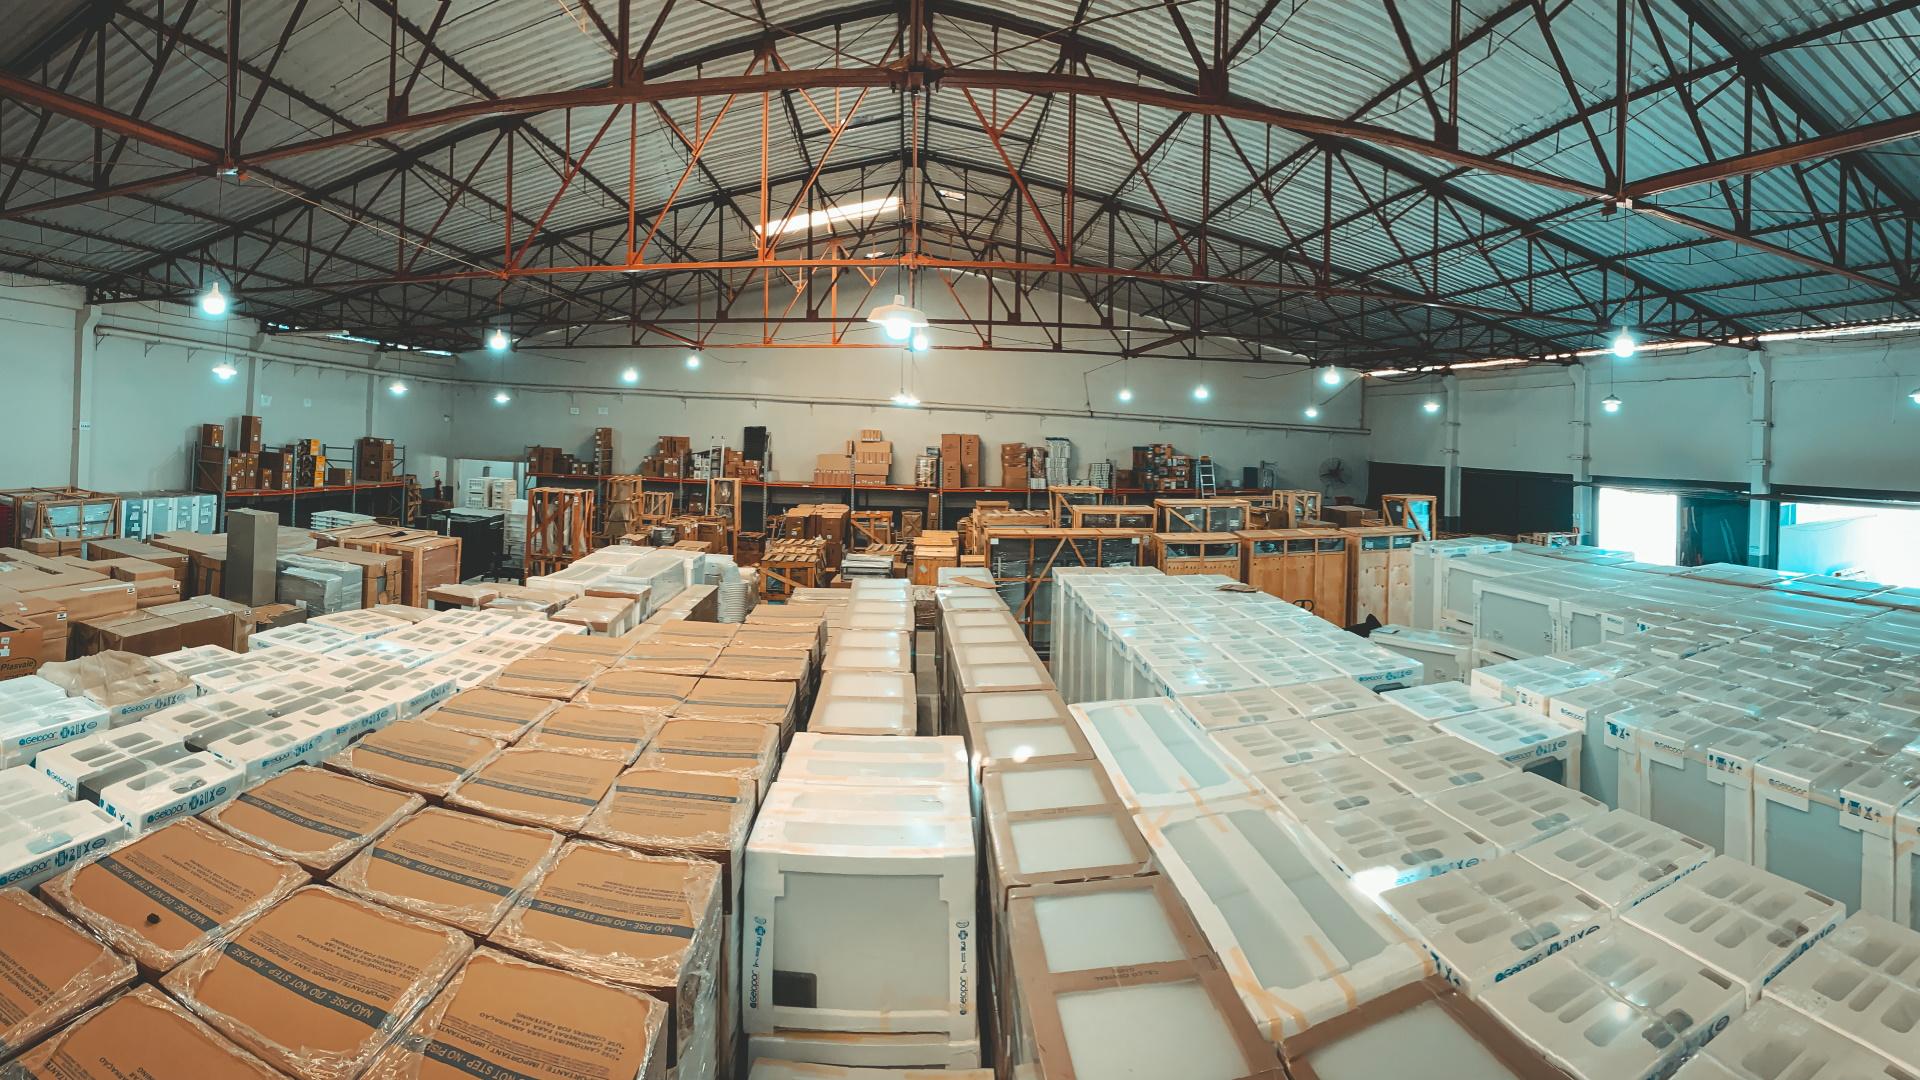 São mais de 5 mil opções de produtos em grandes quantidades, que são revendidas a mais de 5 mil clientes de norte a sul do Brasil.